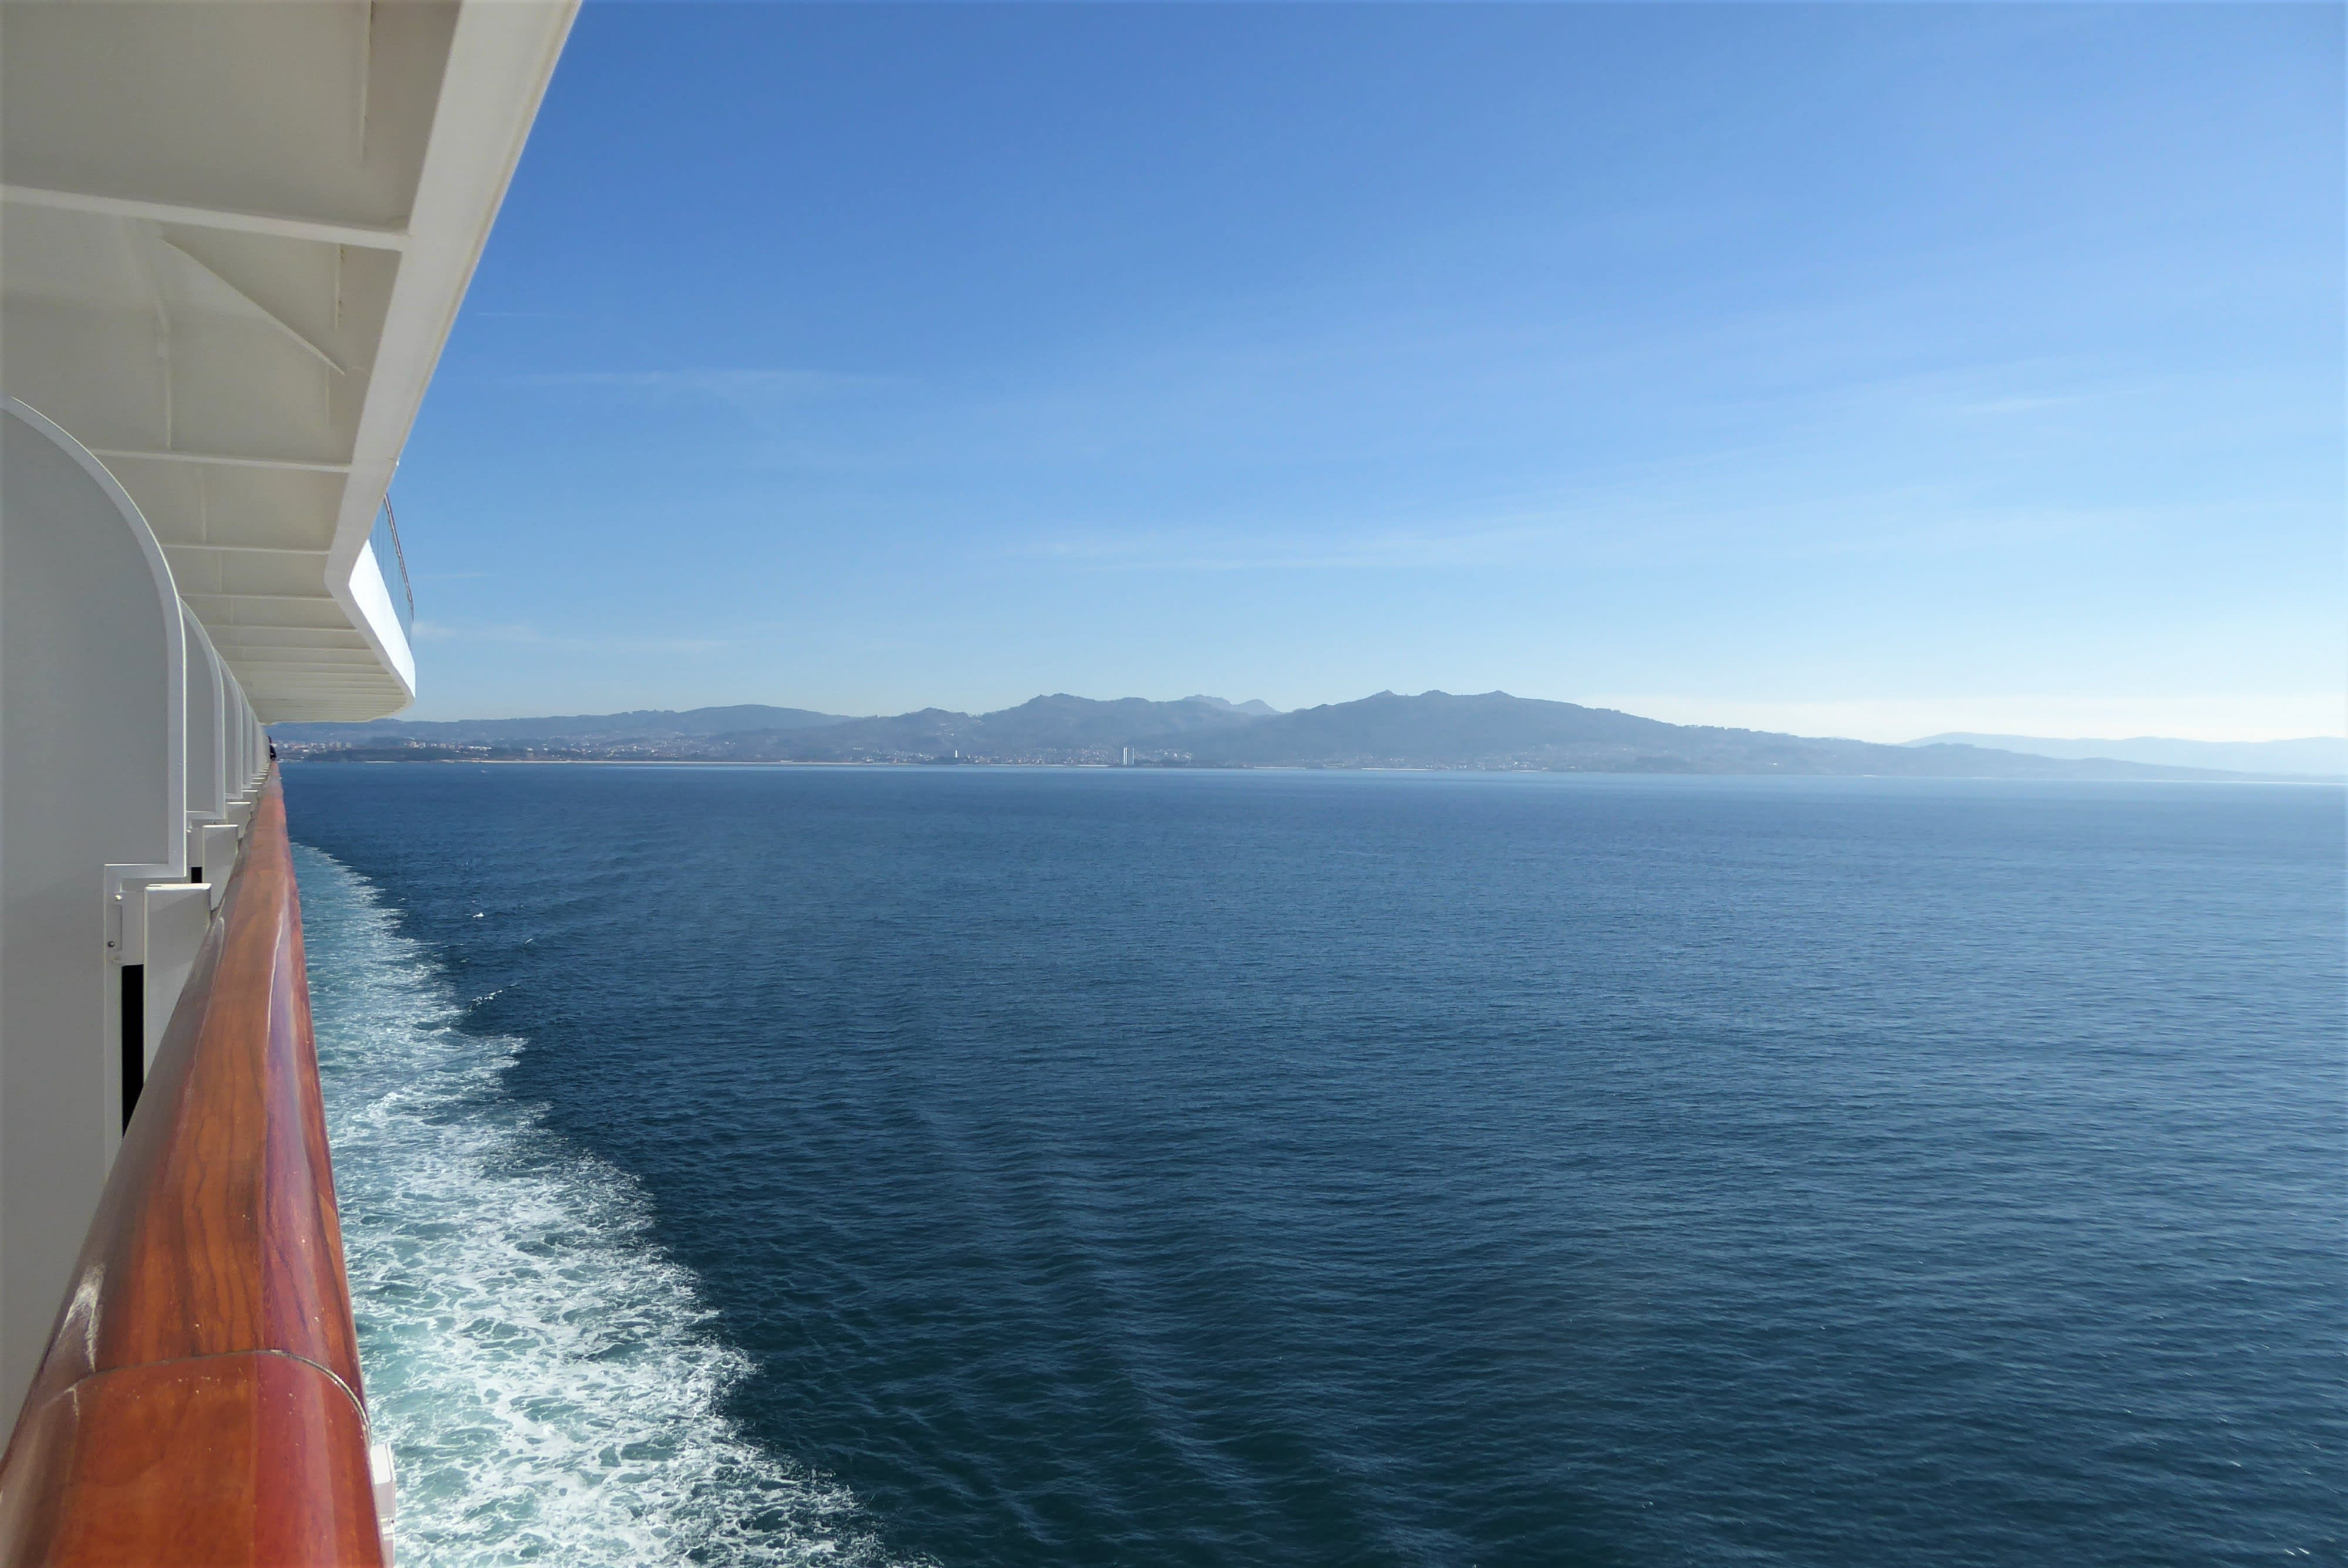 VIKING OCEAN イベリア半島クルーズ乗船中 その⑤